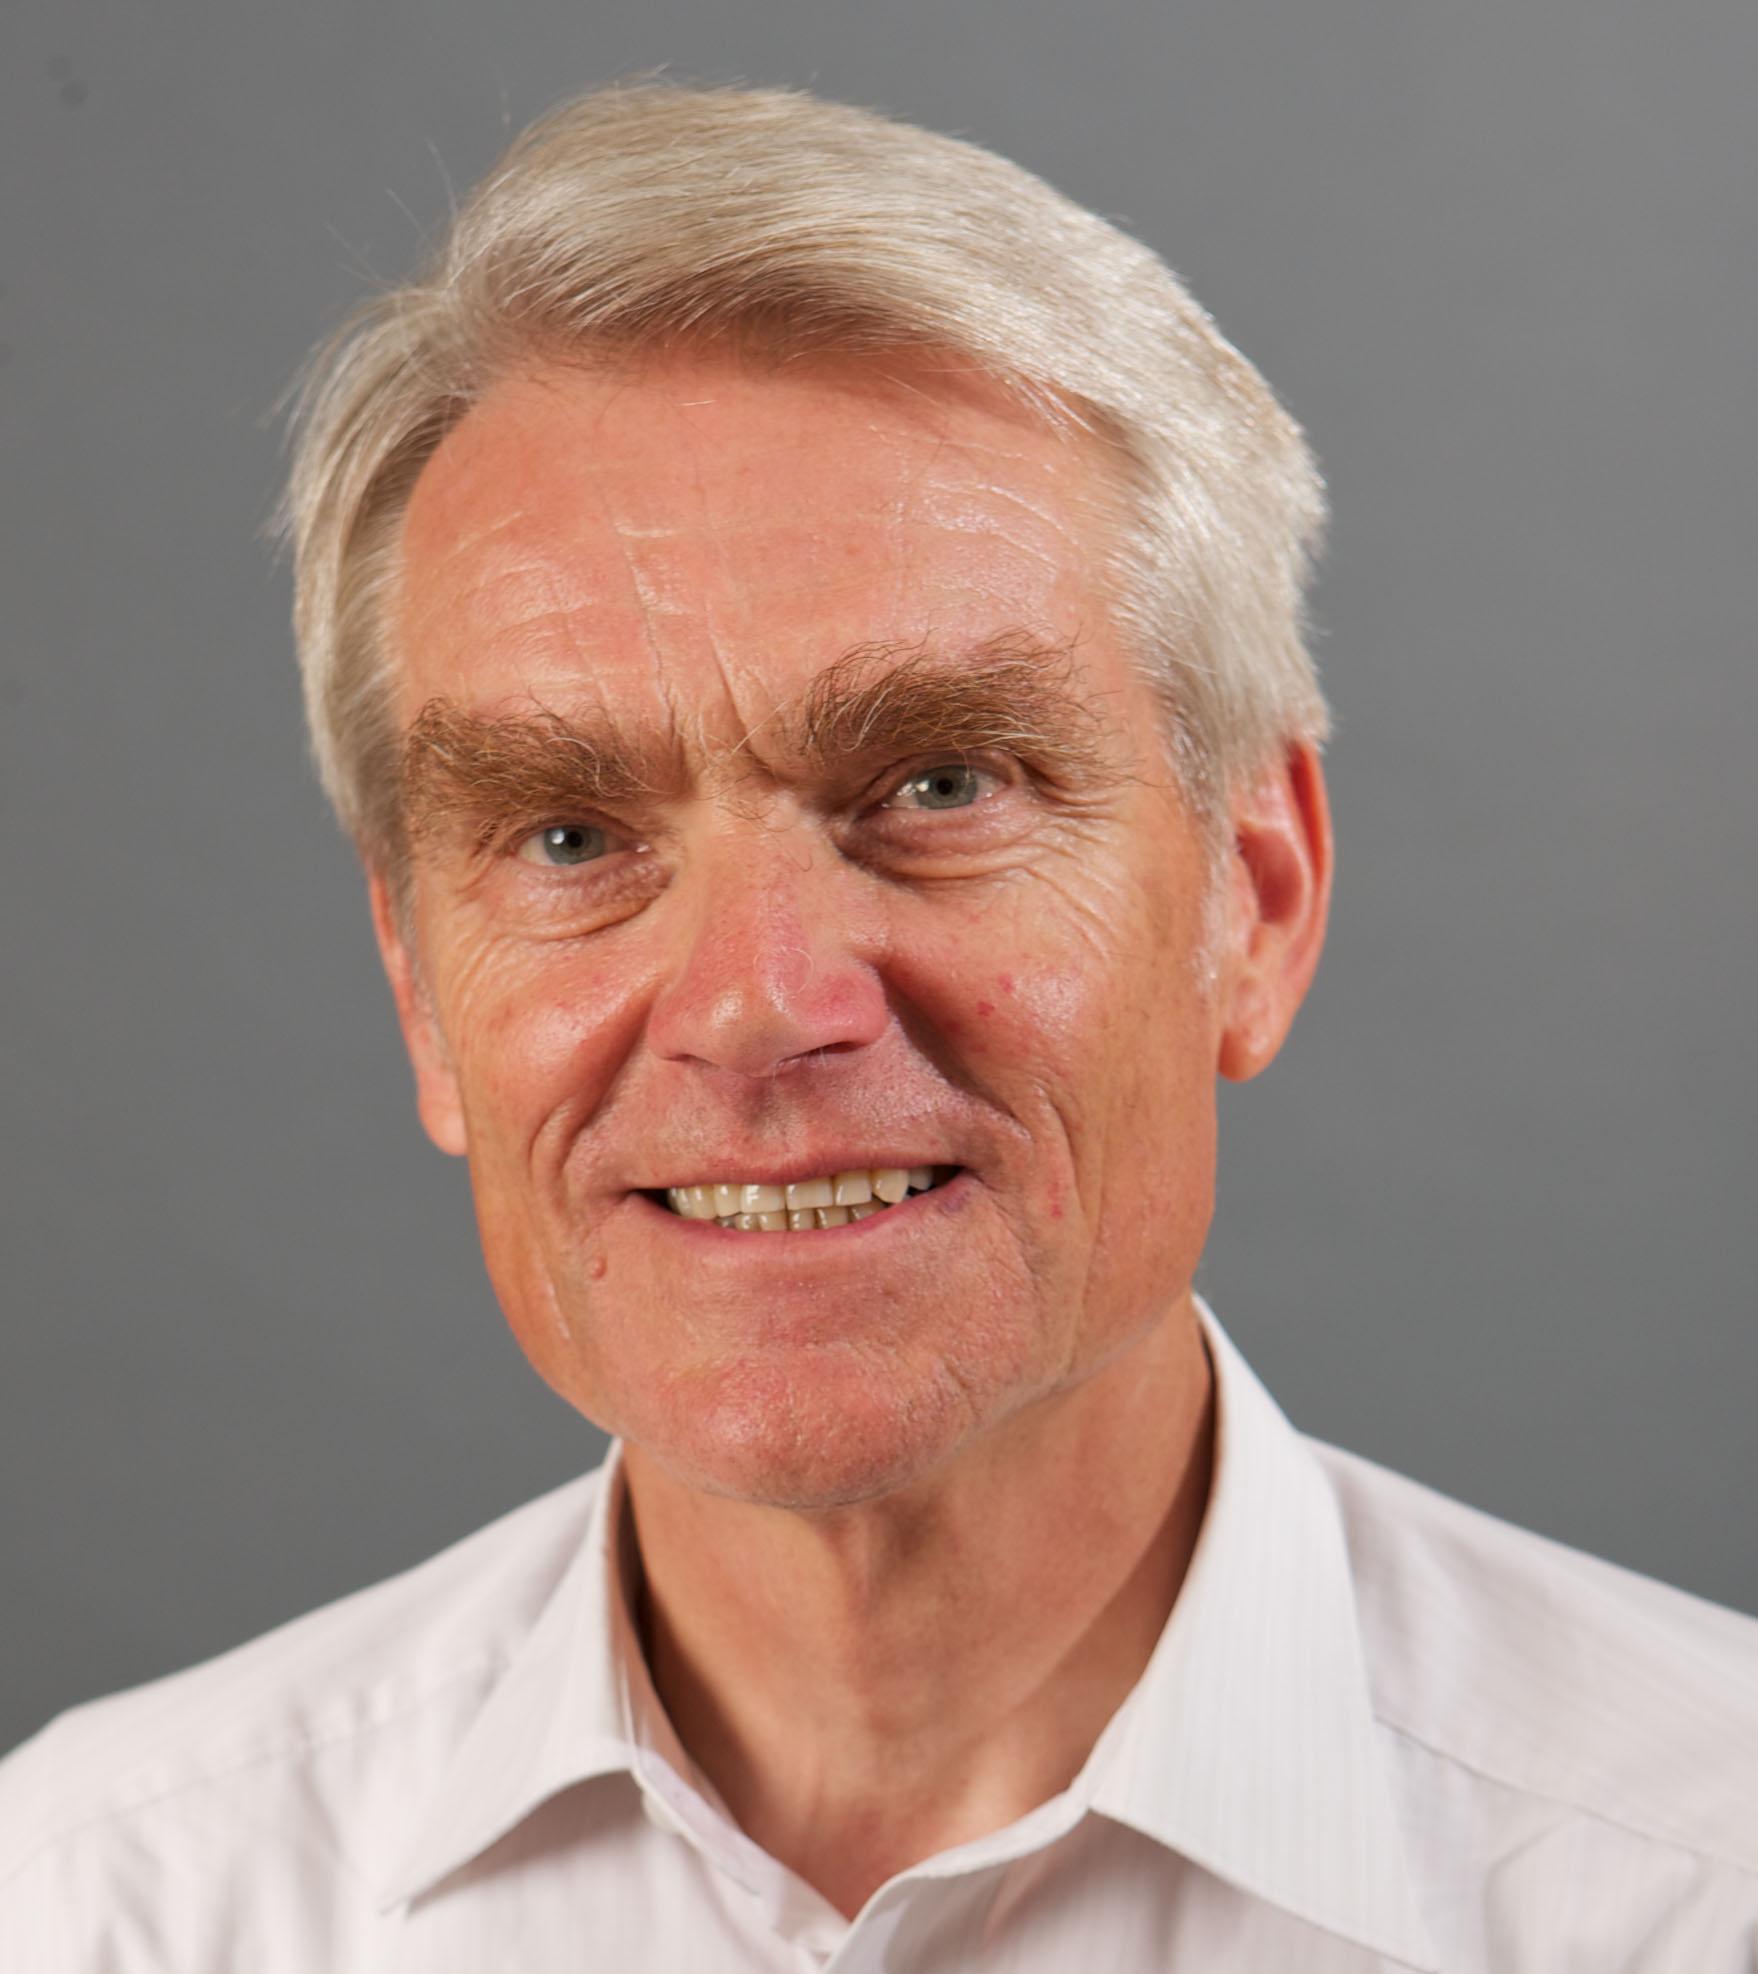 Ehrendoktor für Prof. Dr. Thomas Ottmann / Hohe Auszeichnung für Freiburger Informatiker